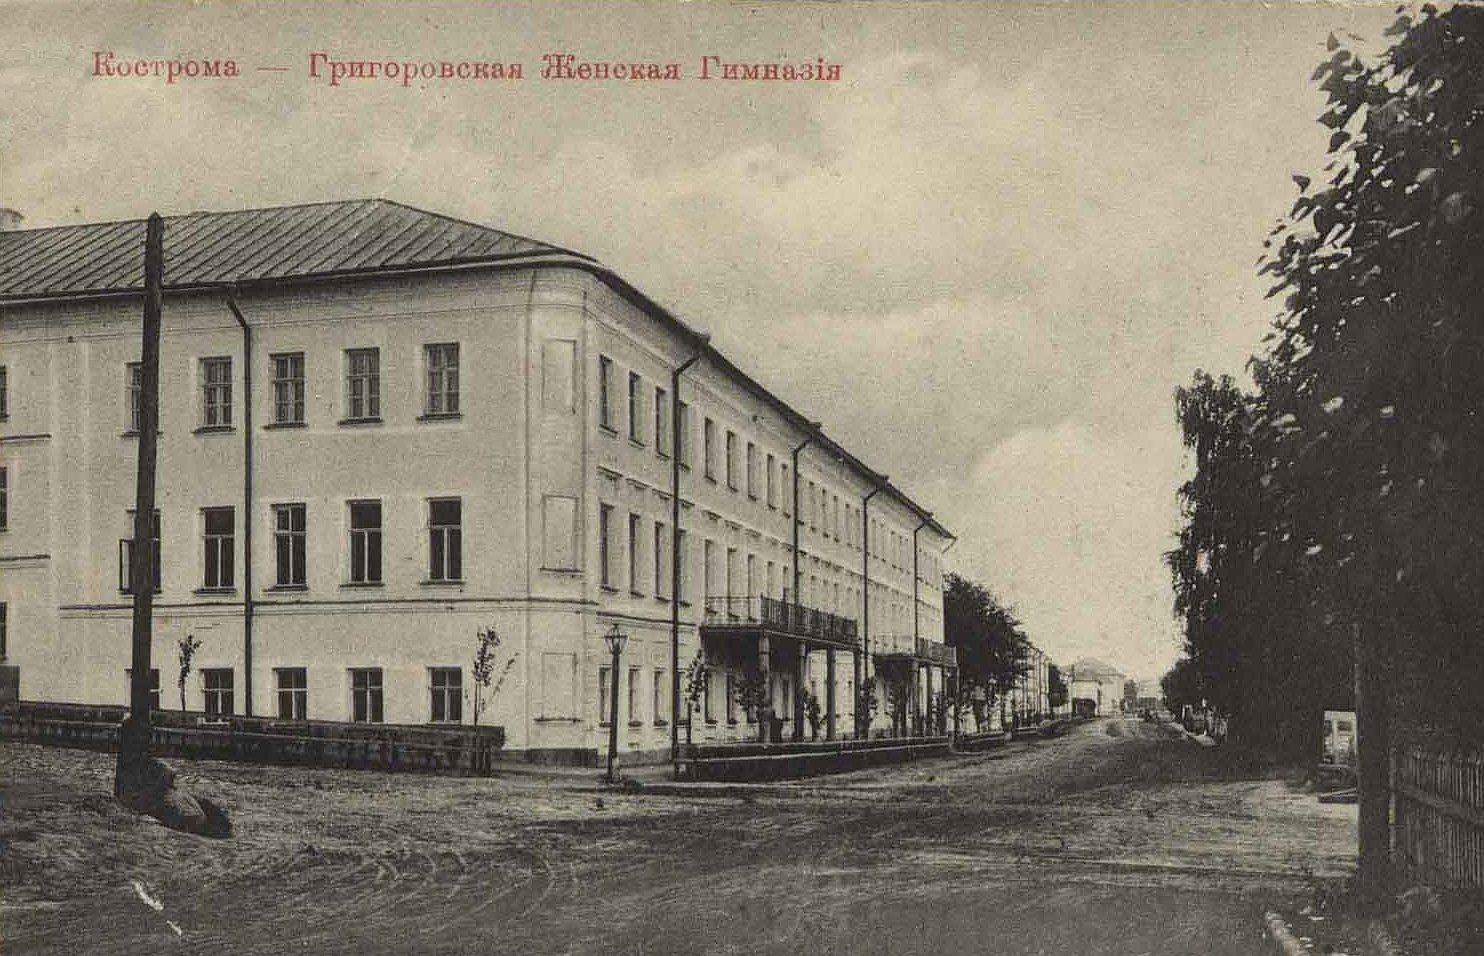 Григоровская женская гимназия